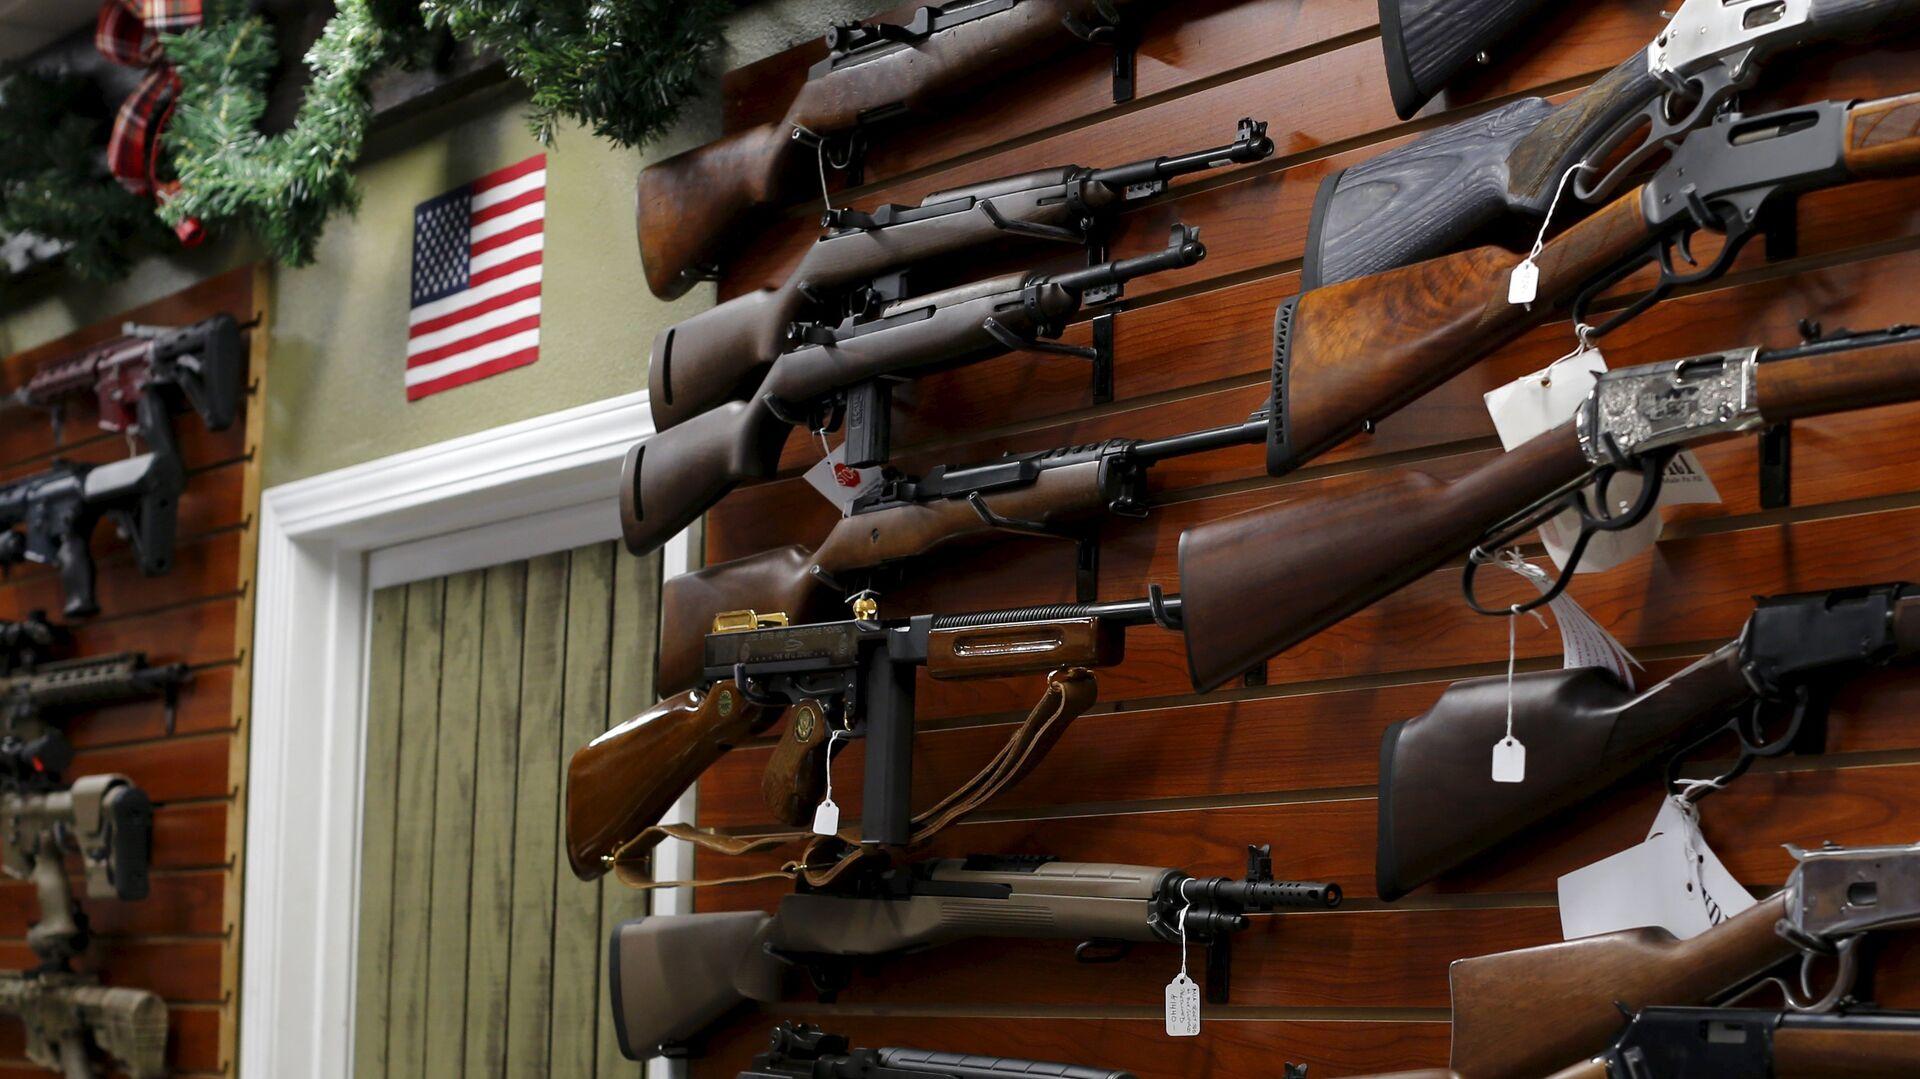 Firearms are shown for sale at the AO Sword gun store in El Cajon, California - Sputnik Mundo, 1920, 02.03.2021